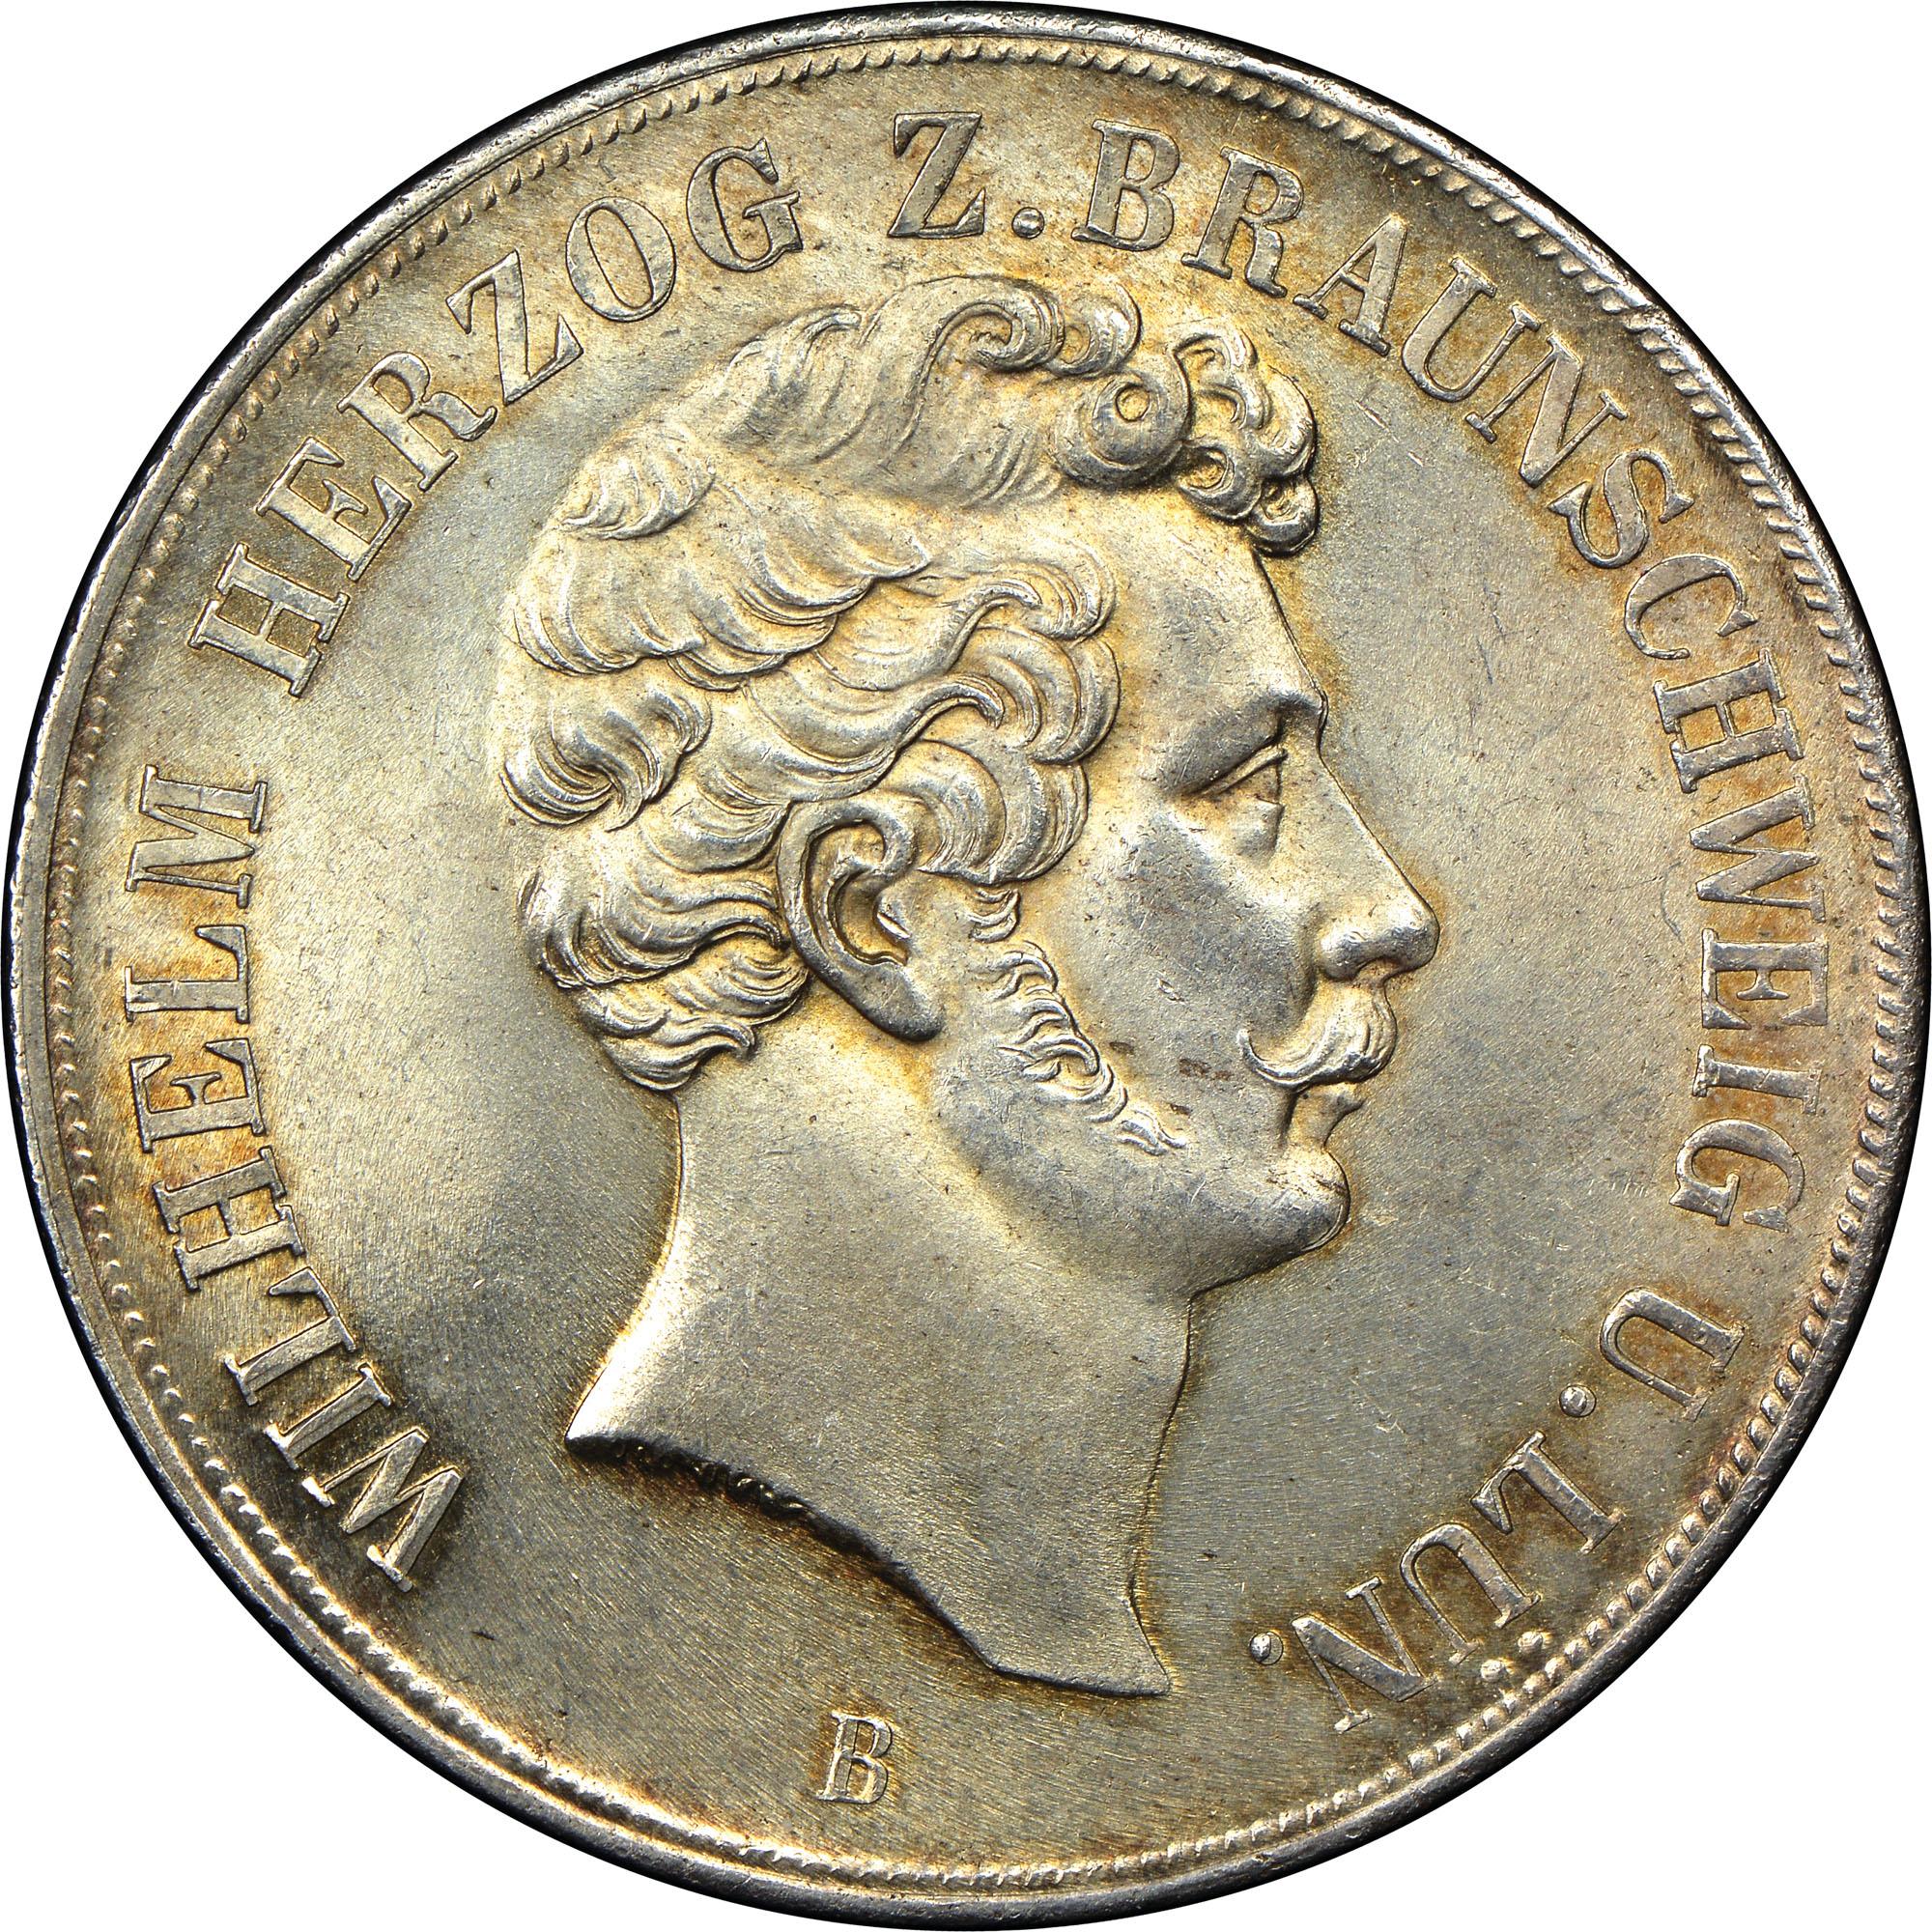 1850-1855 German States BRUNSWICK-WOLFENBUTTEL 2 Thaler, 3 1/2 Gulden obverse